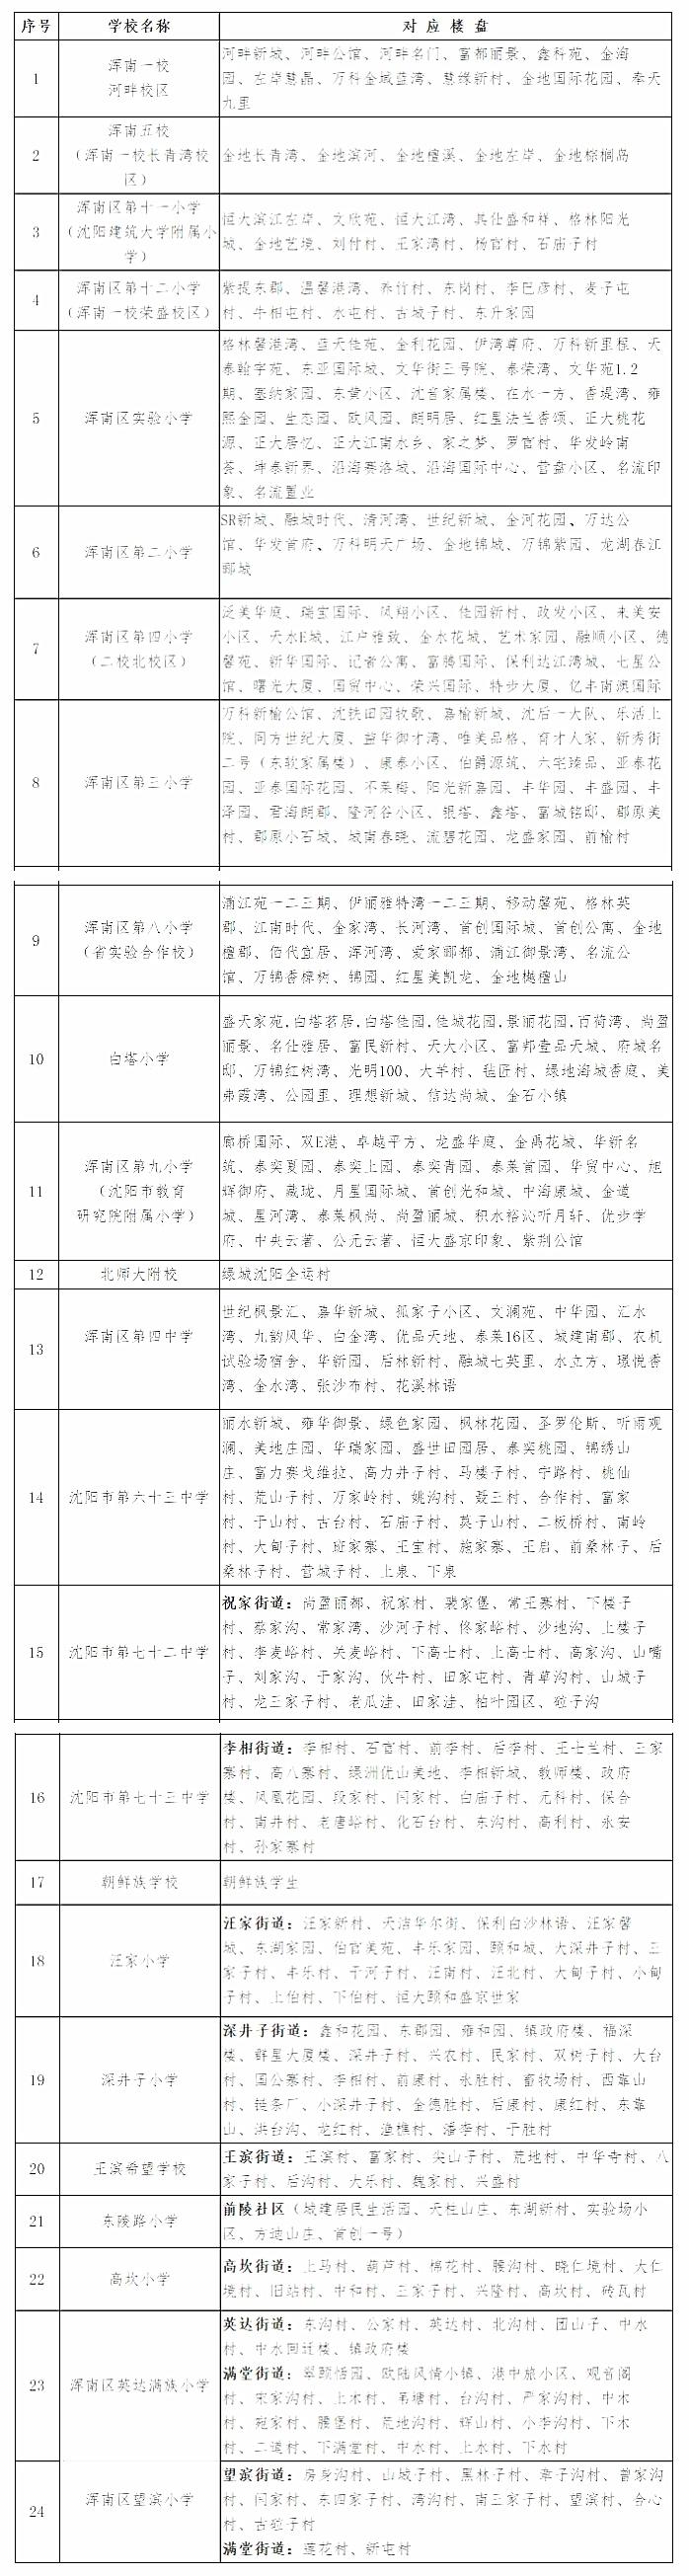 浑南教育局公布2018年浑南区学位分配表及对应楼盘信息